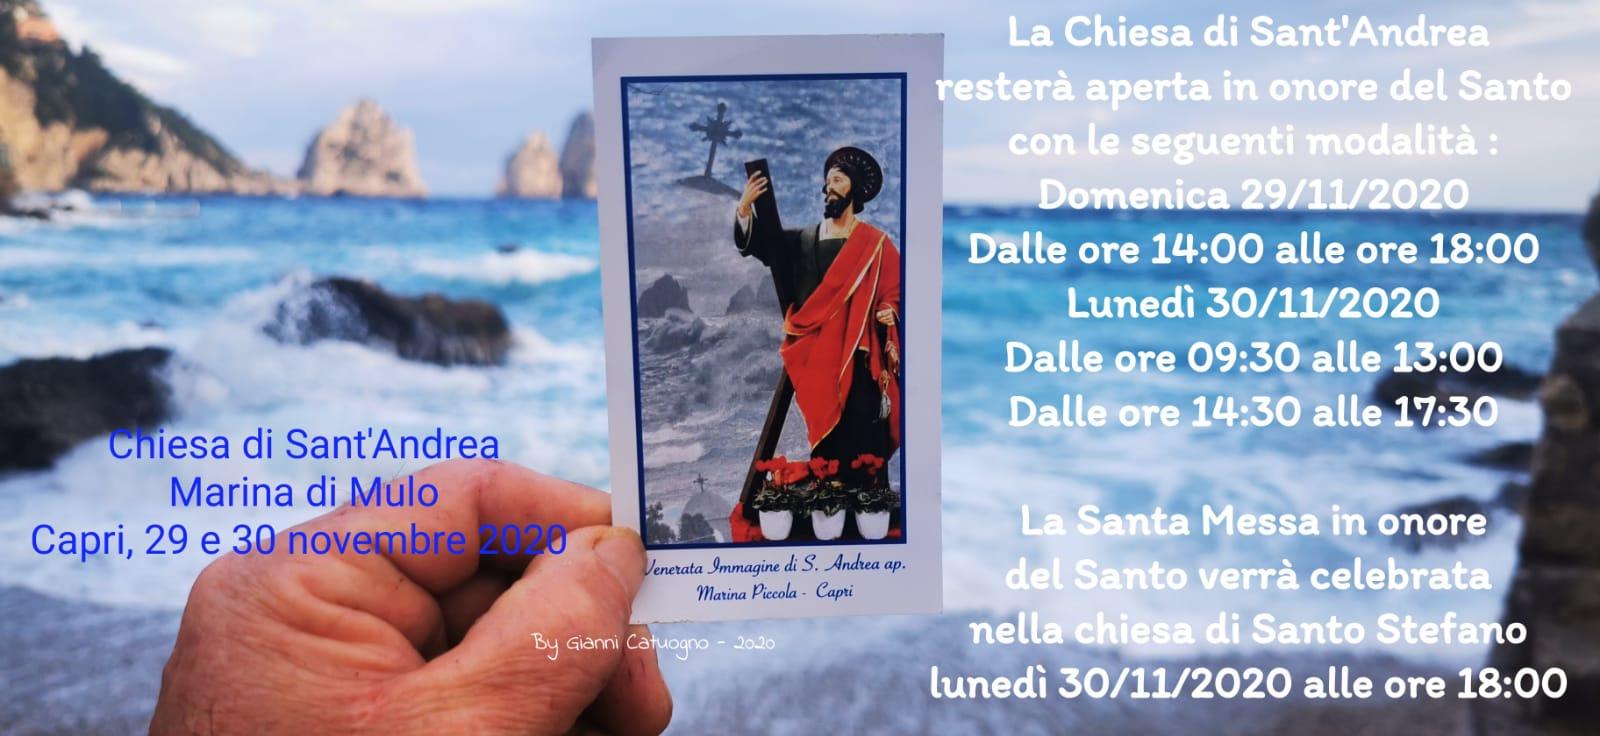 Capri. Le Celebrazioni in onore di Sant' Andrea in maniera ridotta a causa del Covid-19